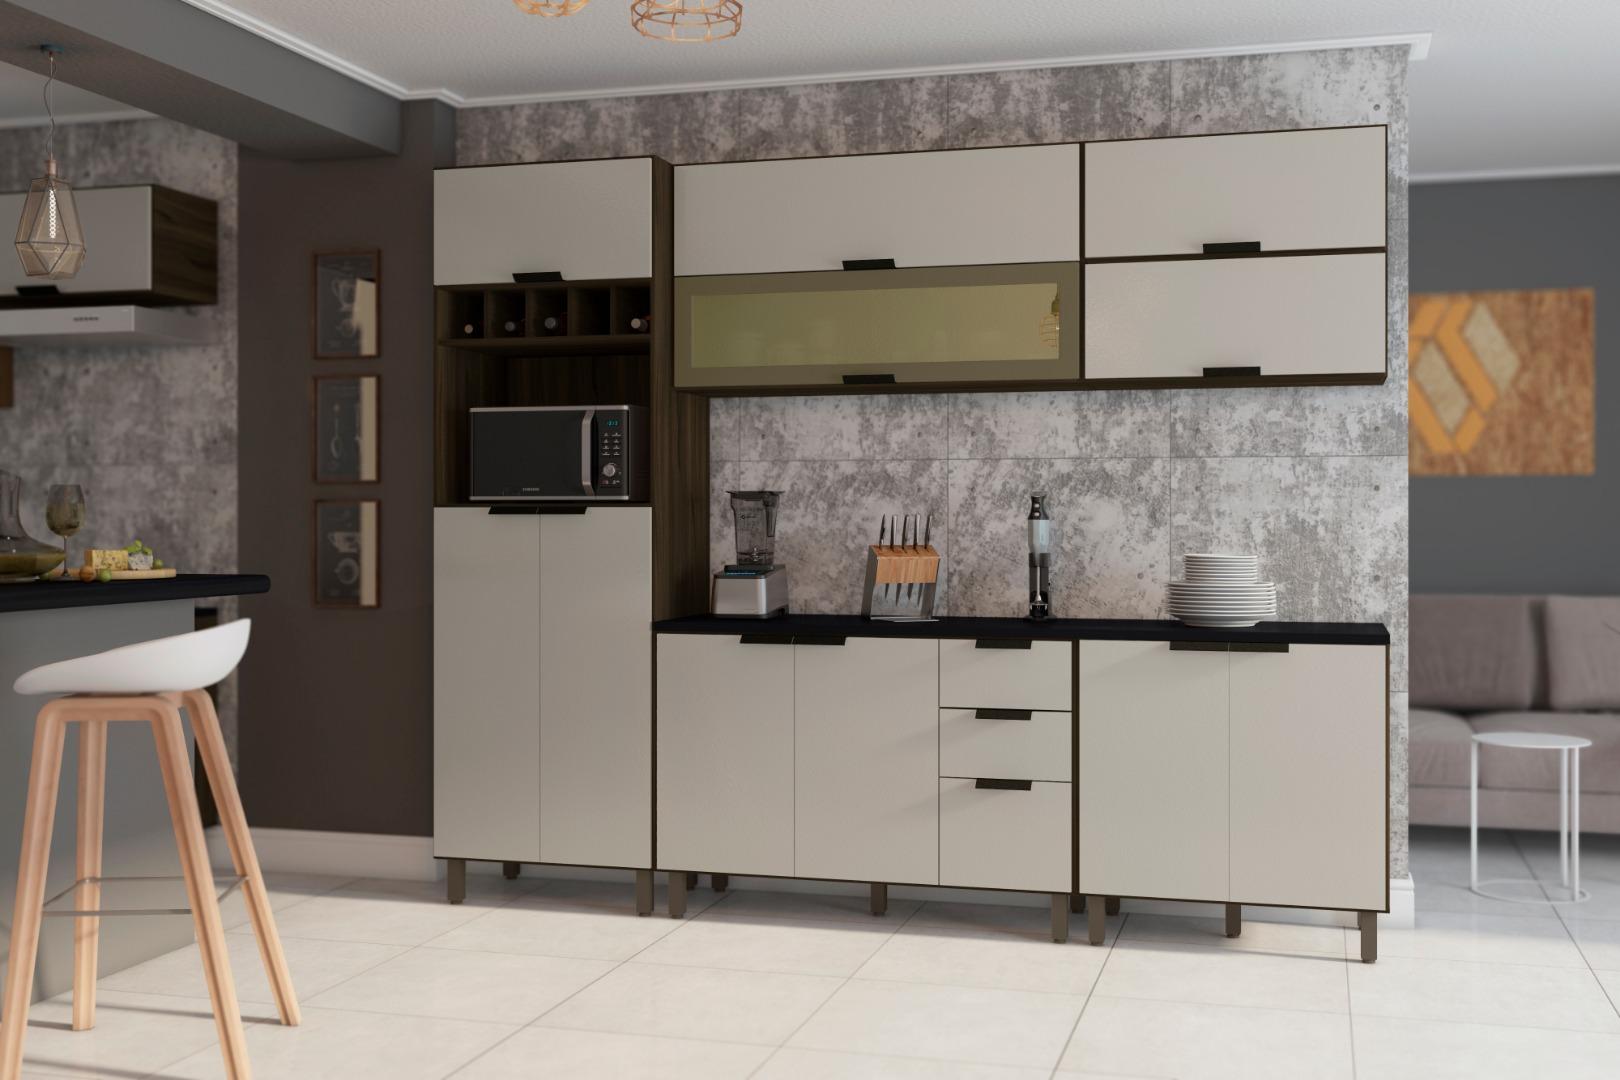 Cozinha Flair 5 Peças - Poliman